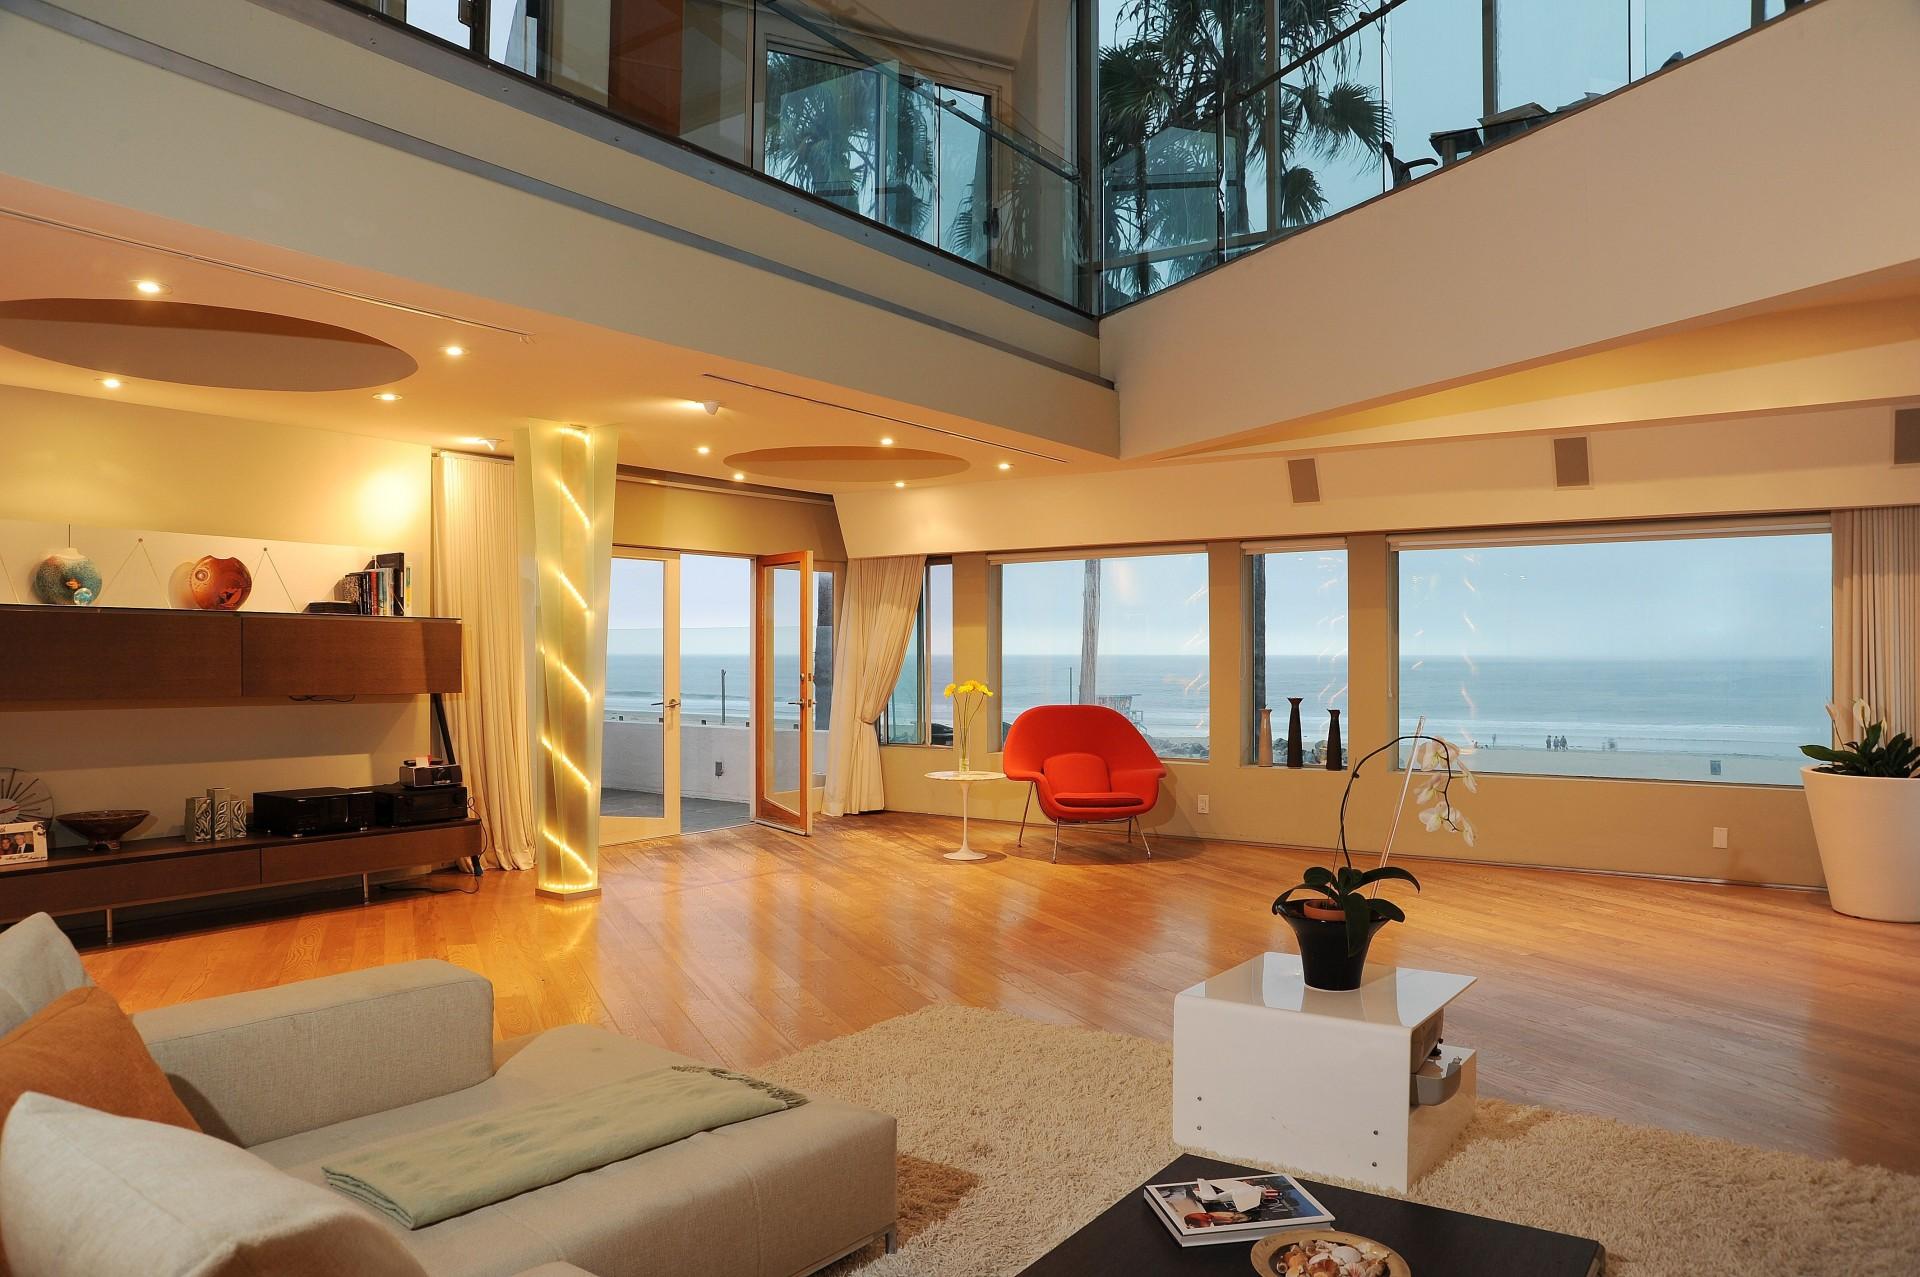 Villa interior design photos